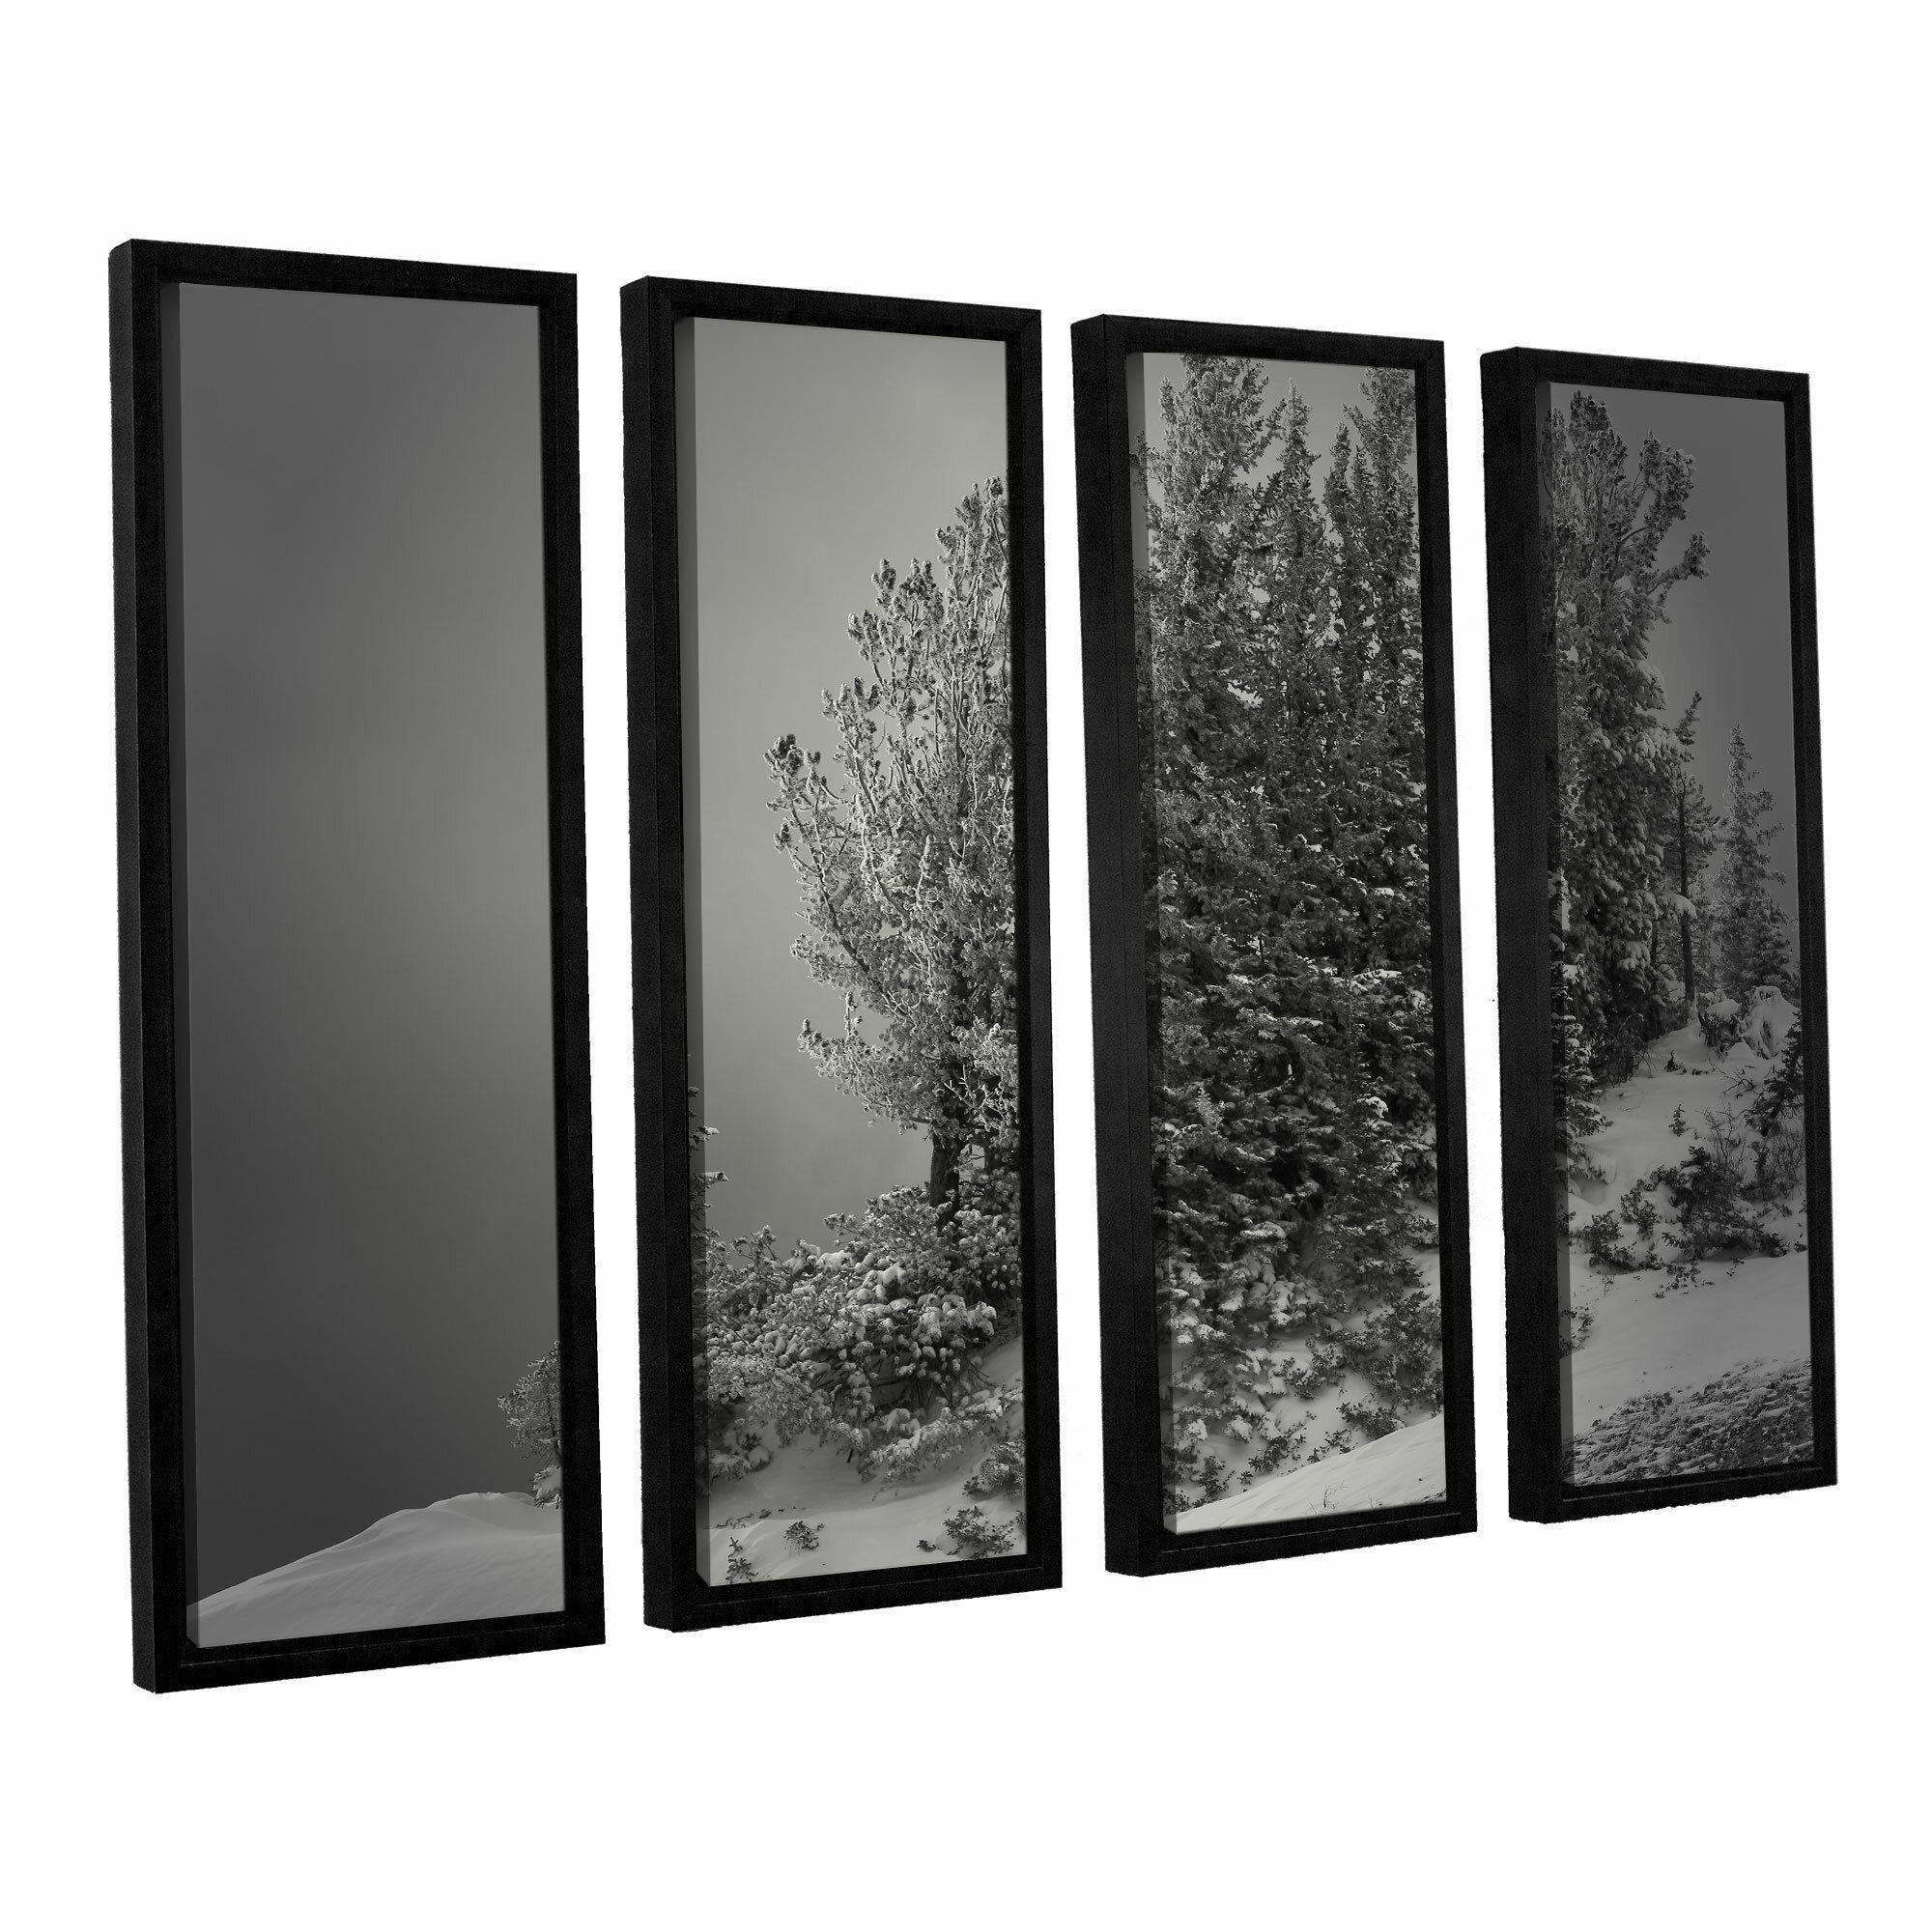 Artwall 10 000 Feet Of Silence By Mark Ross 4 Piece Framed Photographic Print Set Wayfair